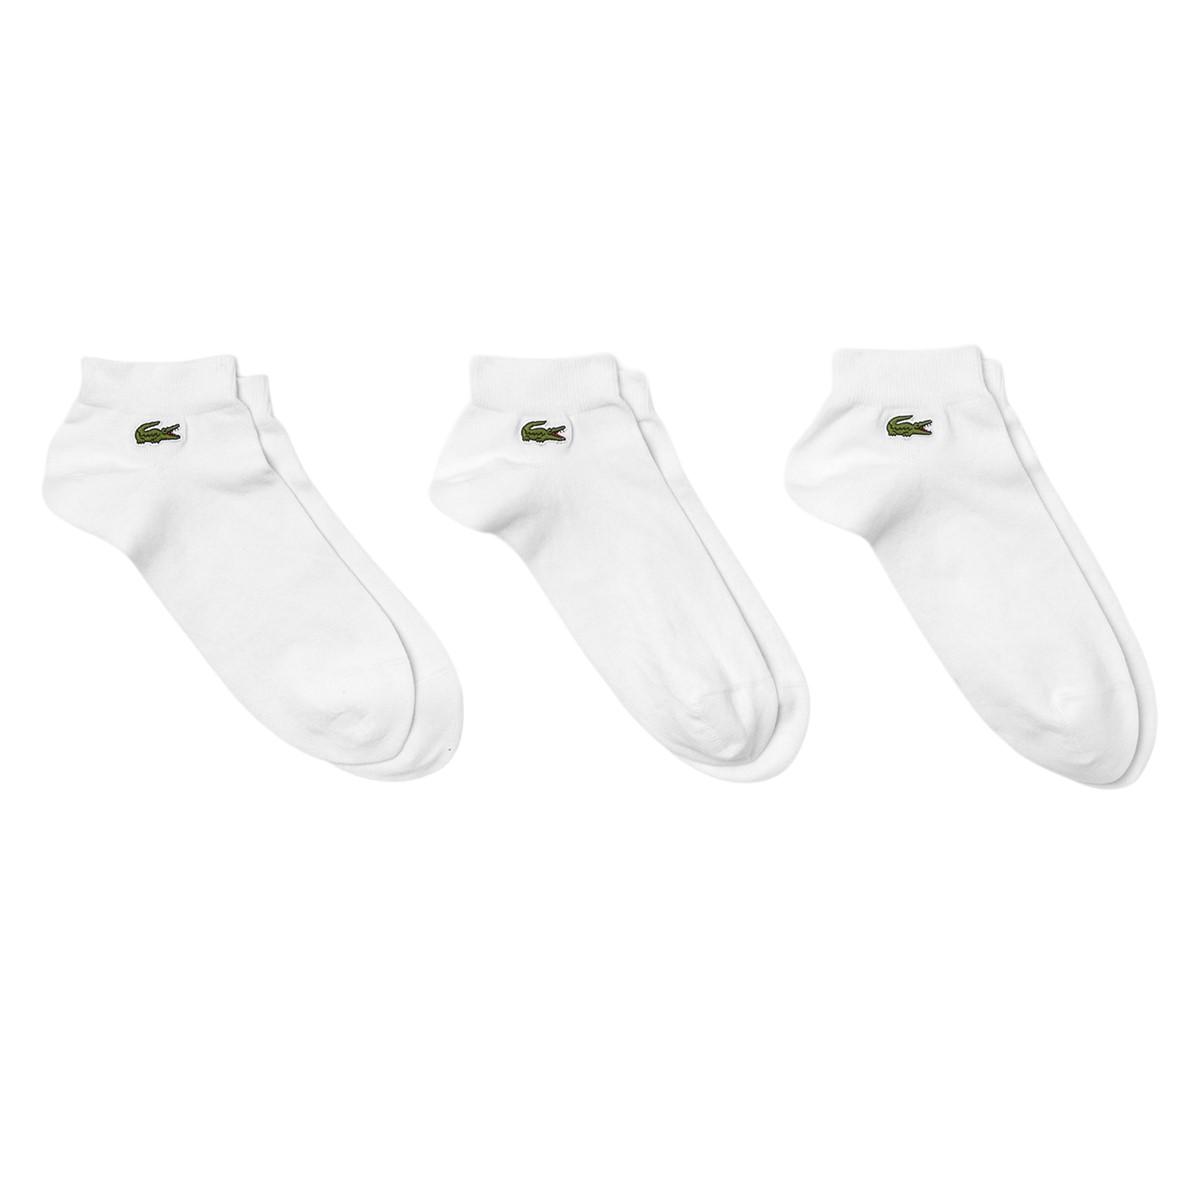 Orli Ankle Socks in White